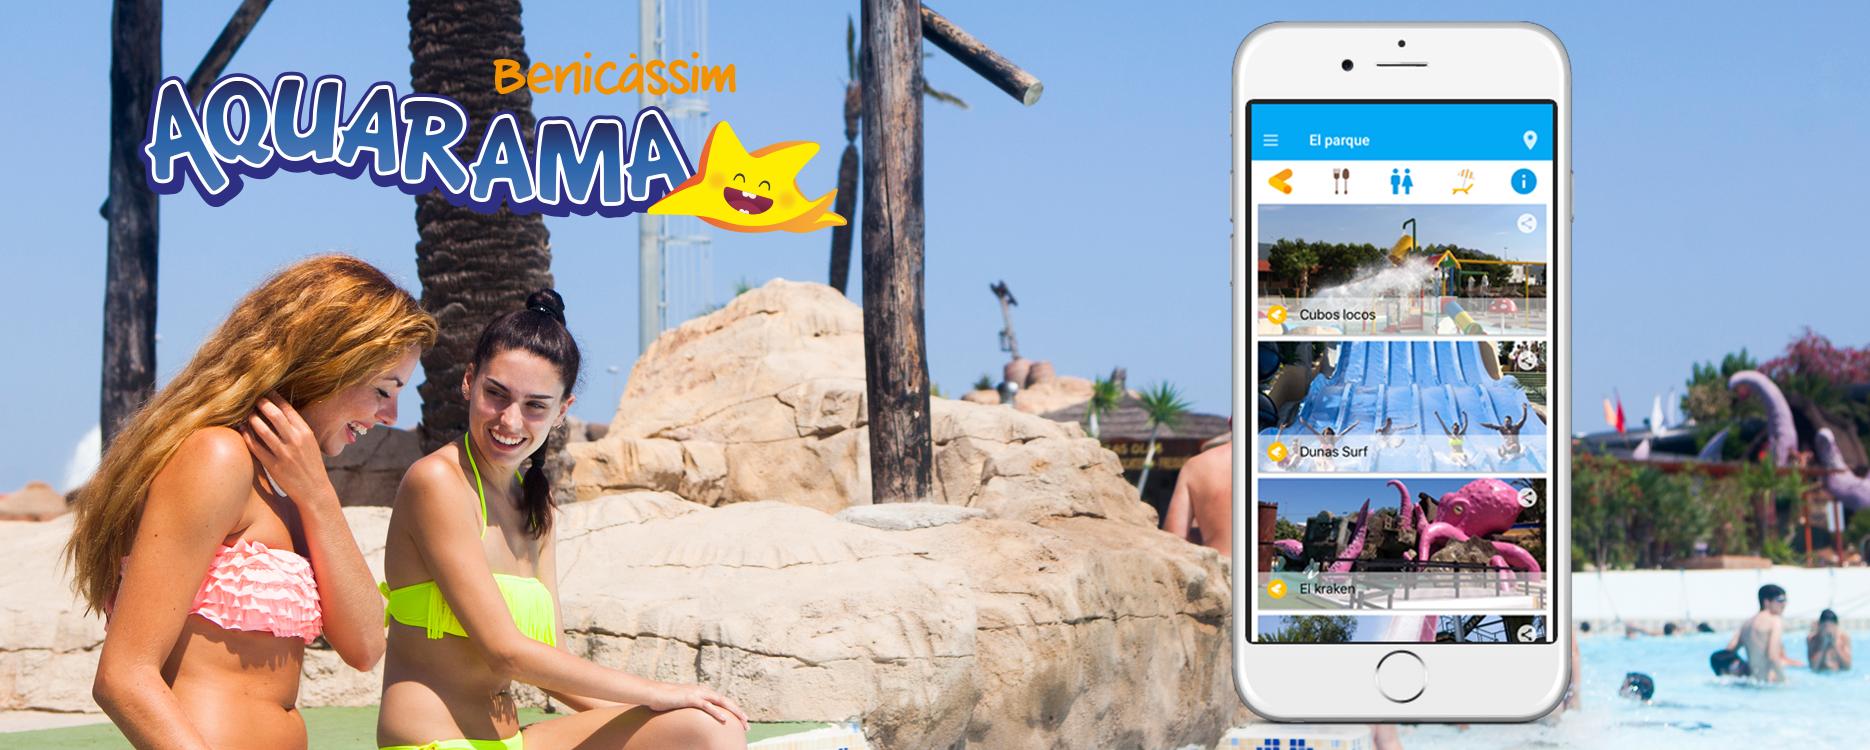 app aquarama